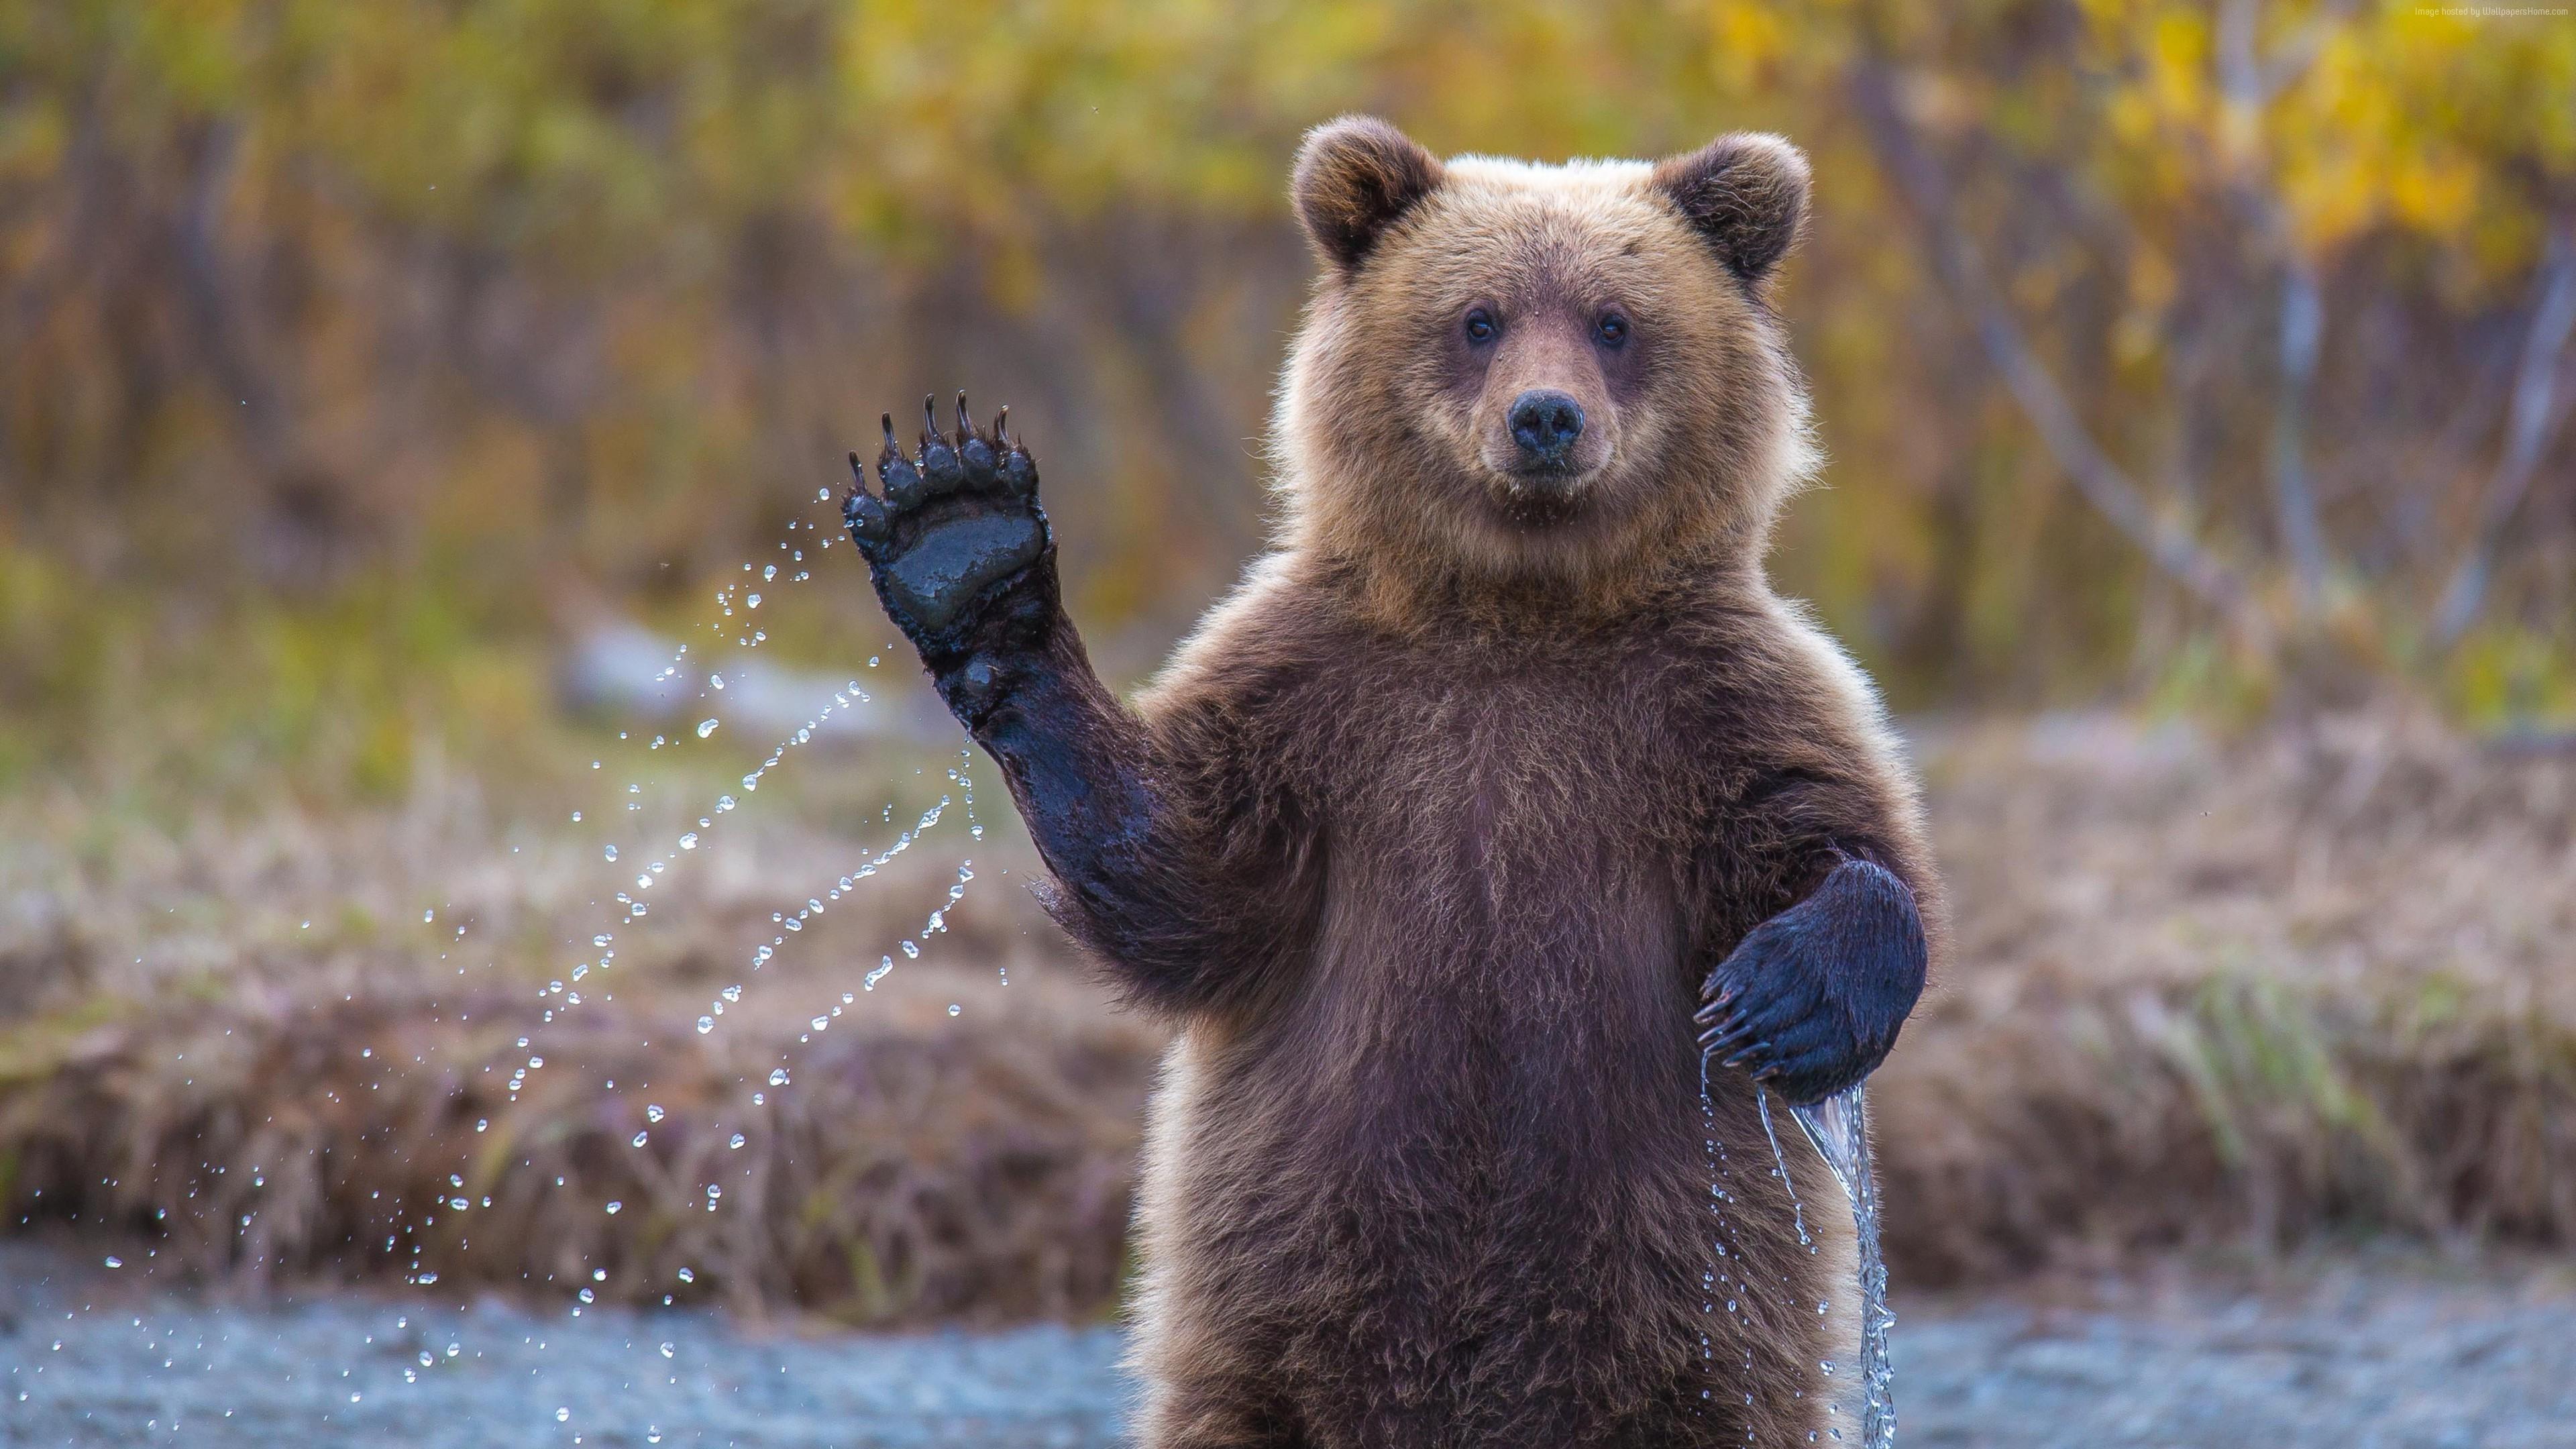 ВКанаде отыскали останки старинного медведя, страдавшего кариесом